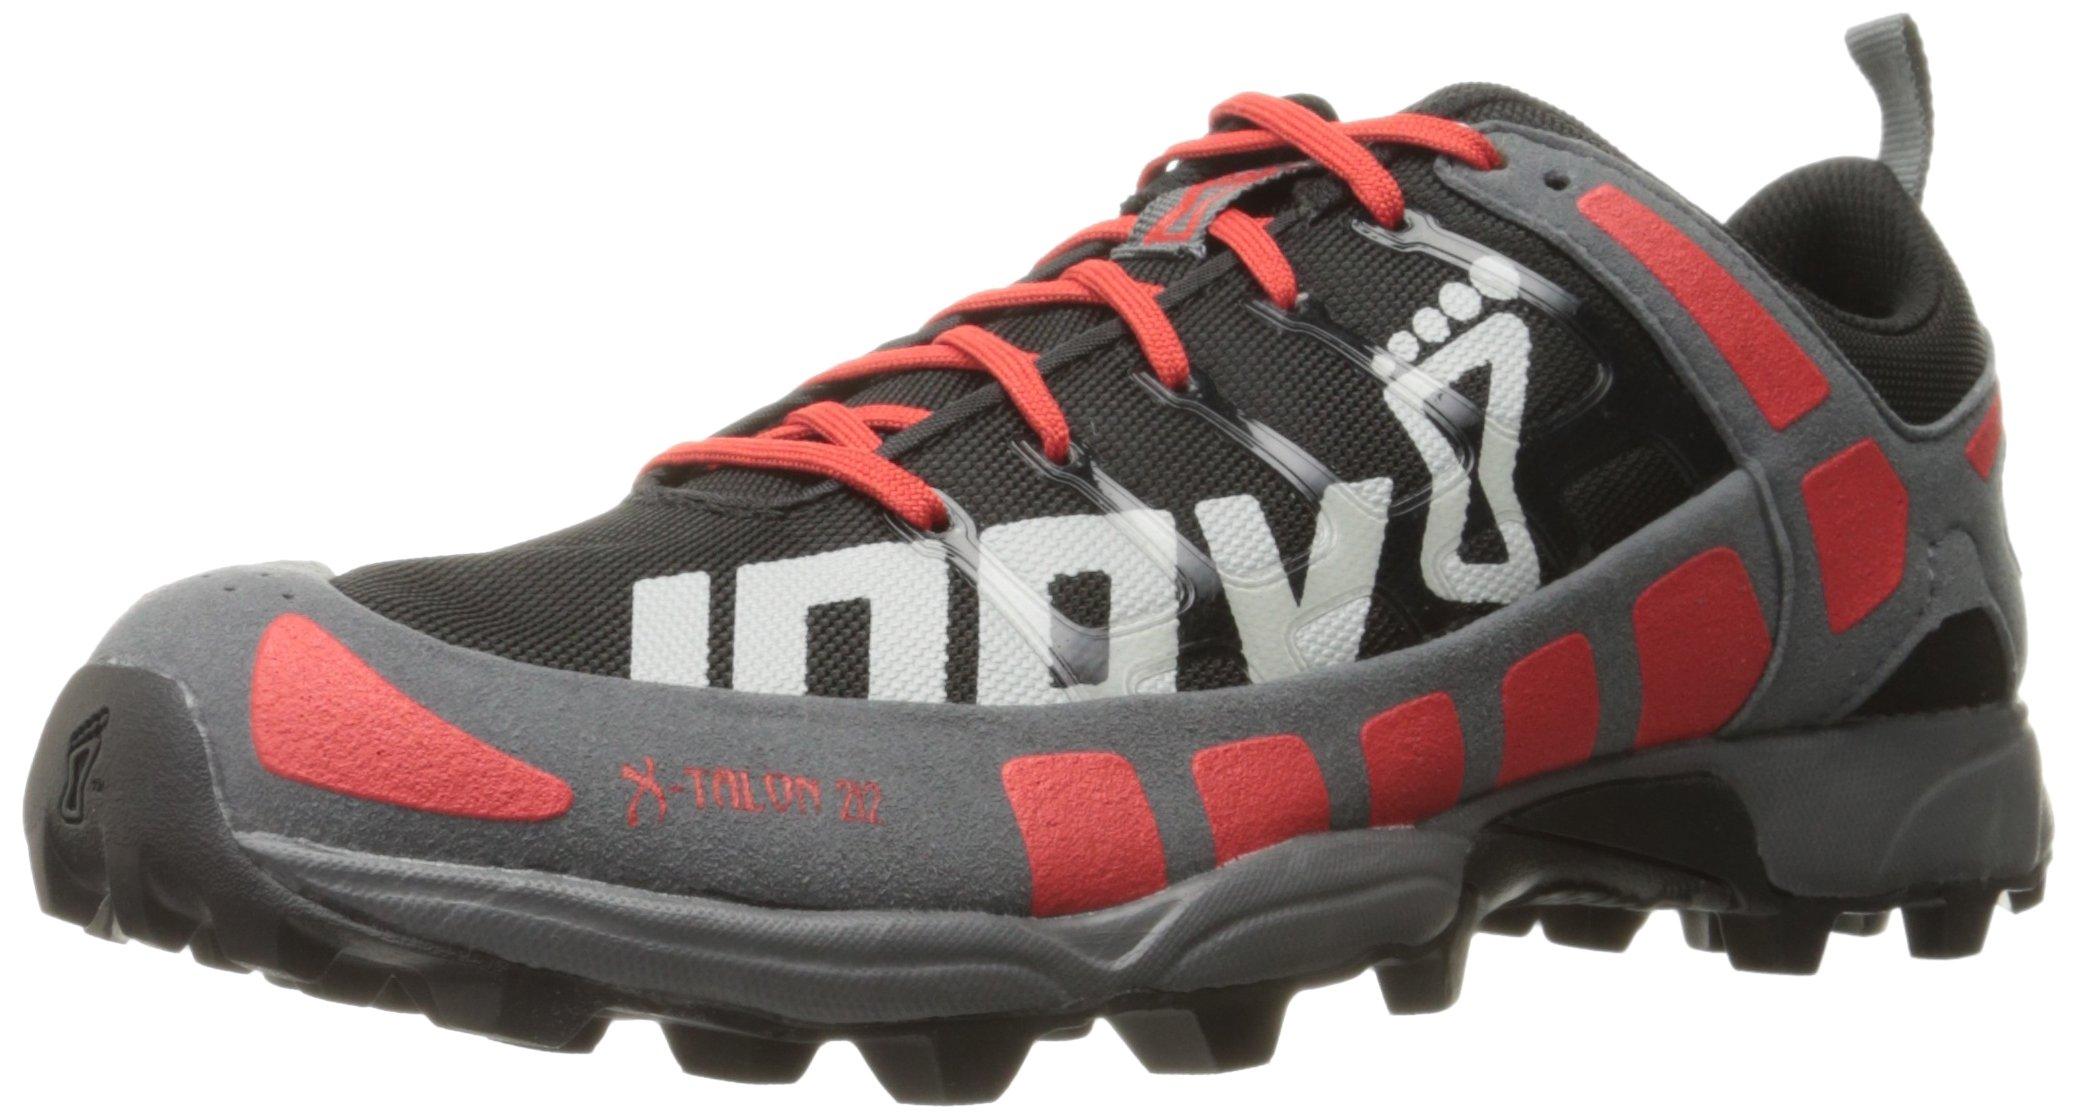 Inov-8 X-Talon™ 212-U Trail